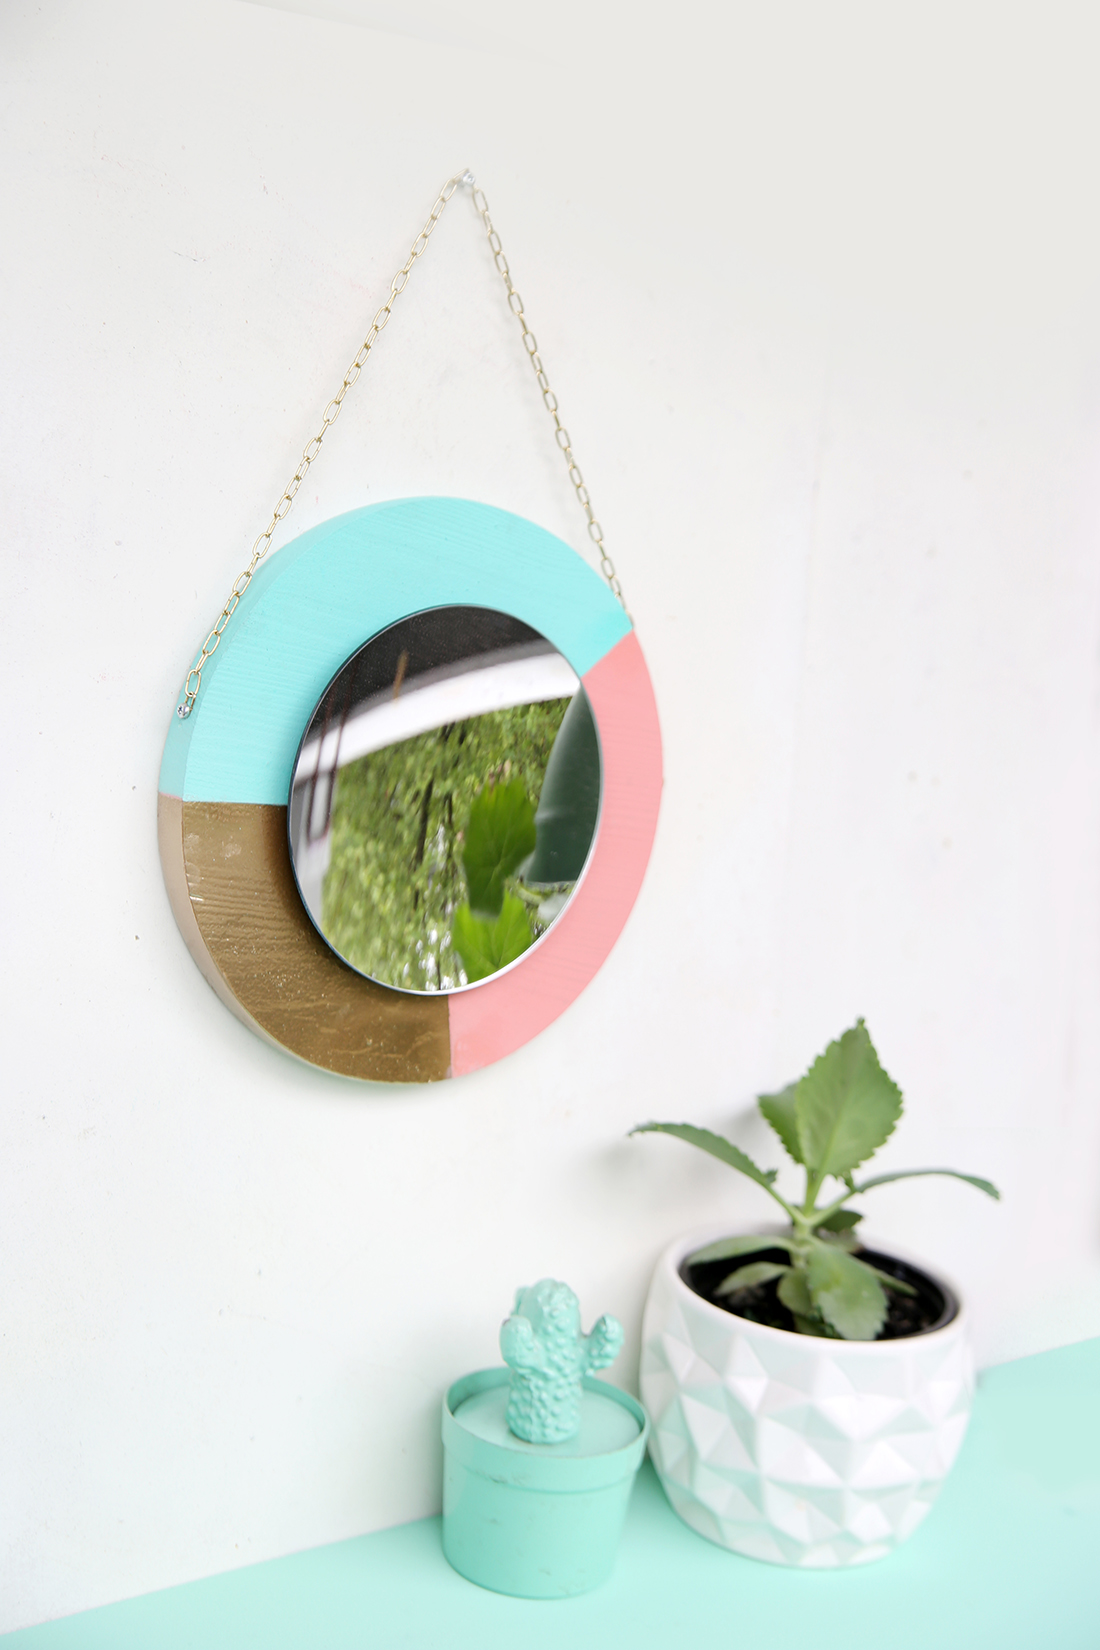 DIY-Spiegel aus Holz selber machen